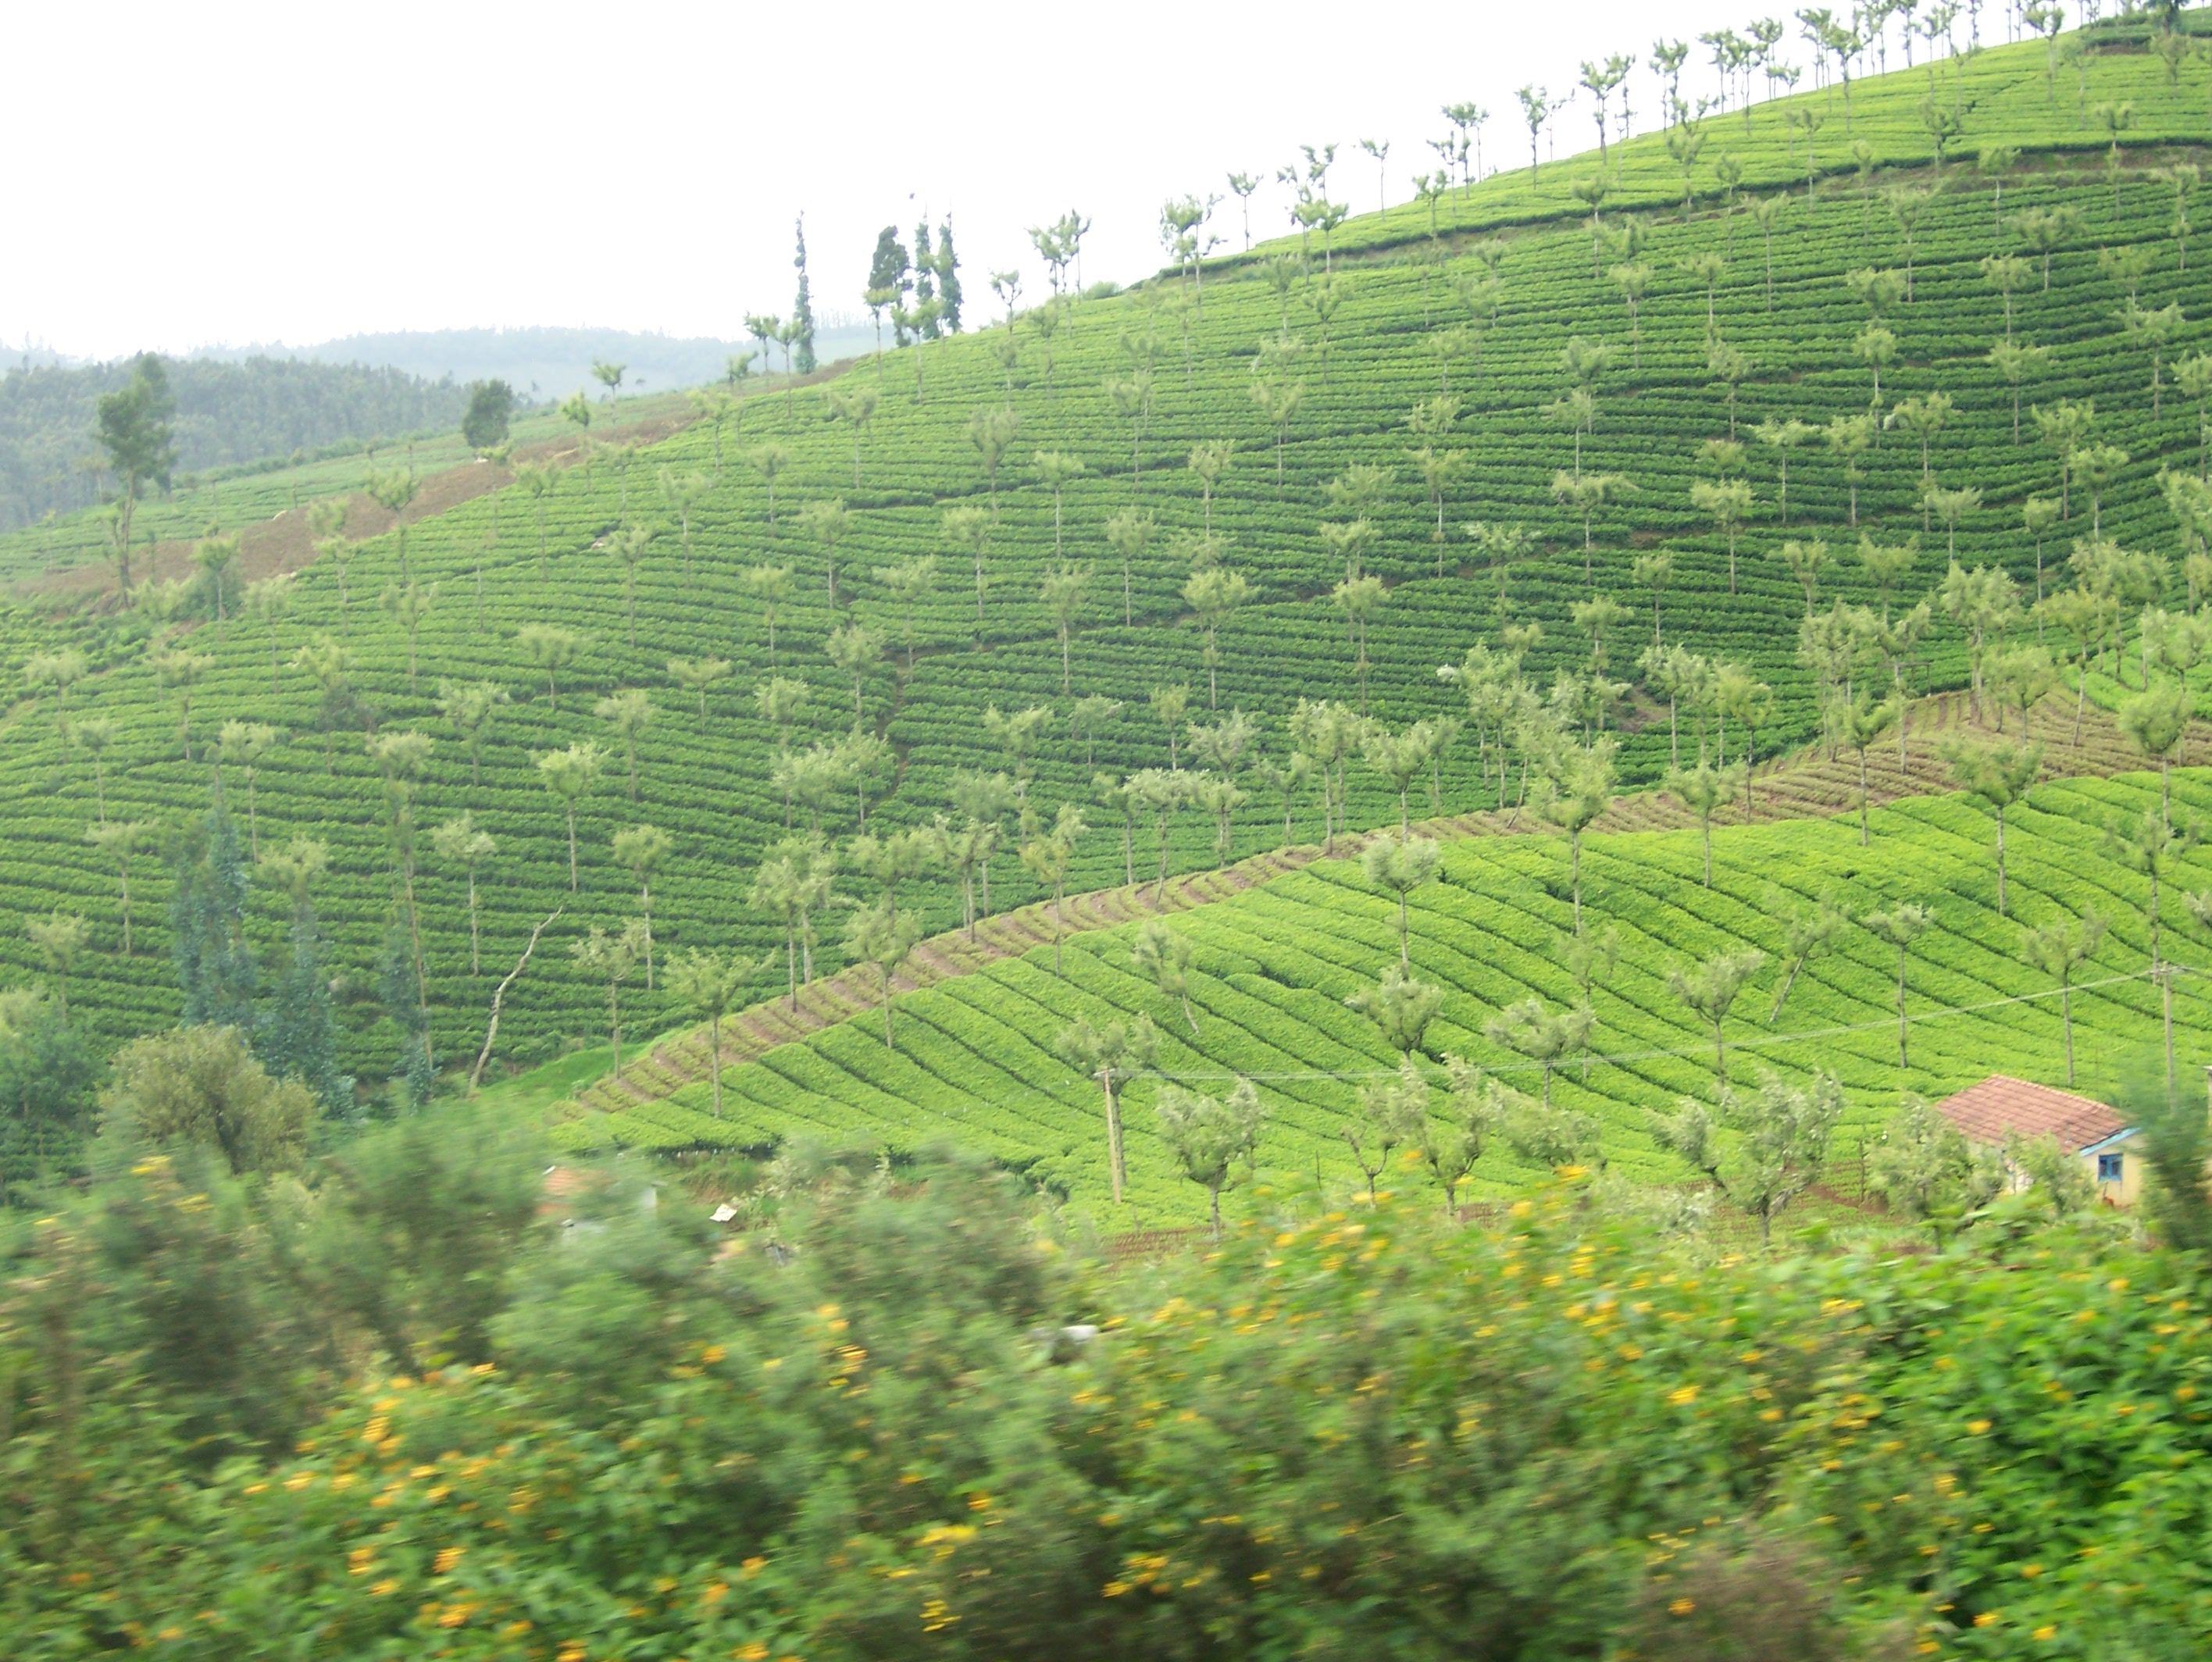 View of the tea estates during a ride on the Nilgiri Mountain Express